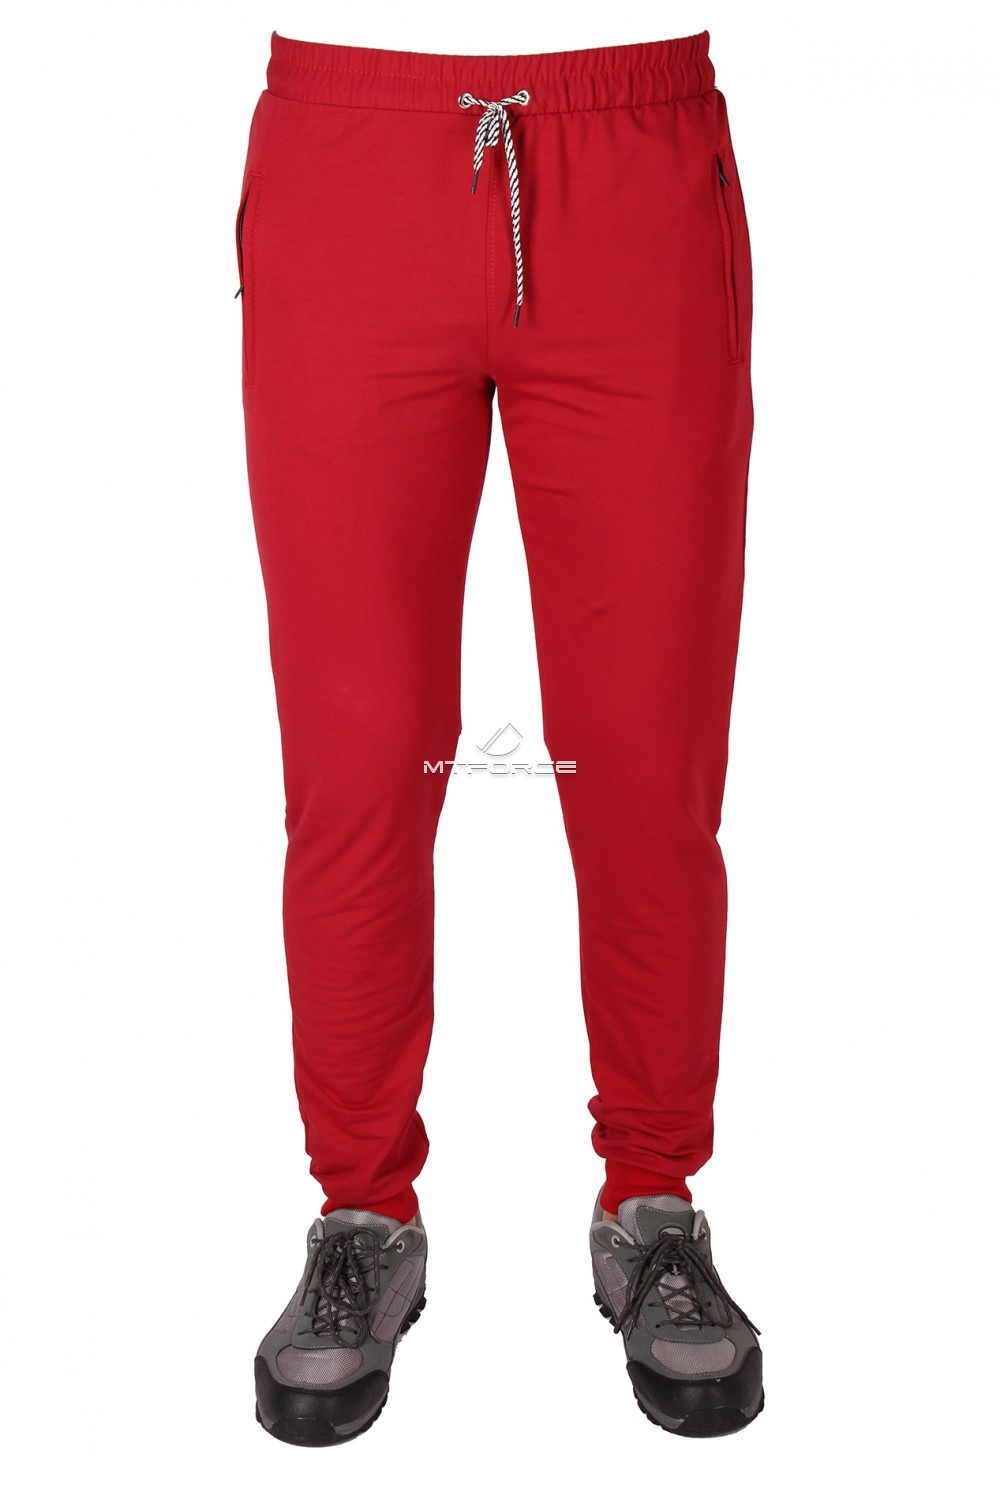 Купить оптом Брюки трикотажные мужские бордового цвета 1073Br в  Красноярске